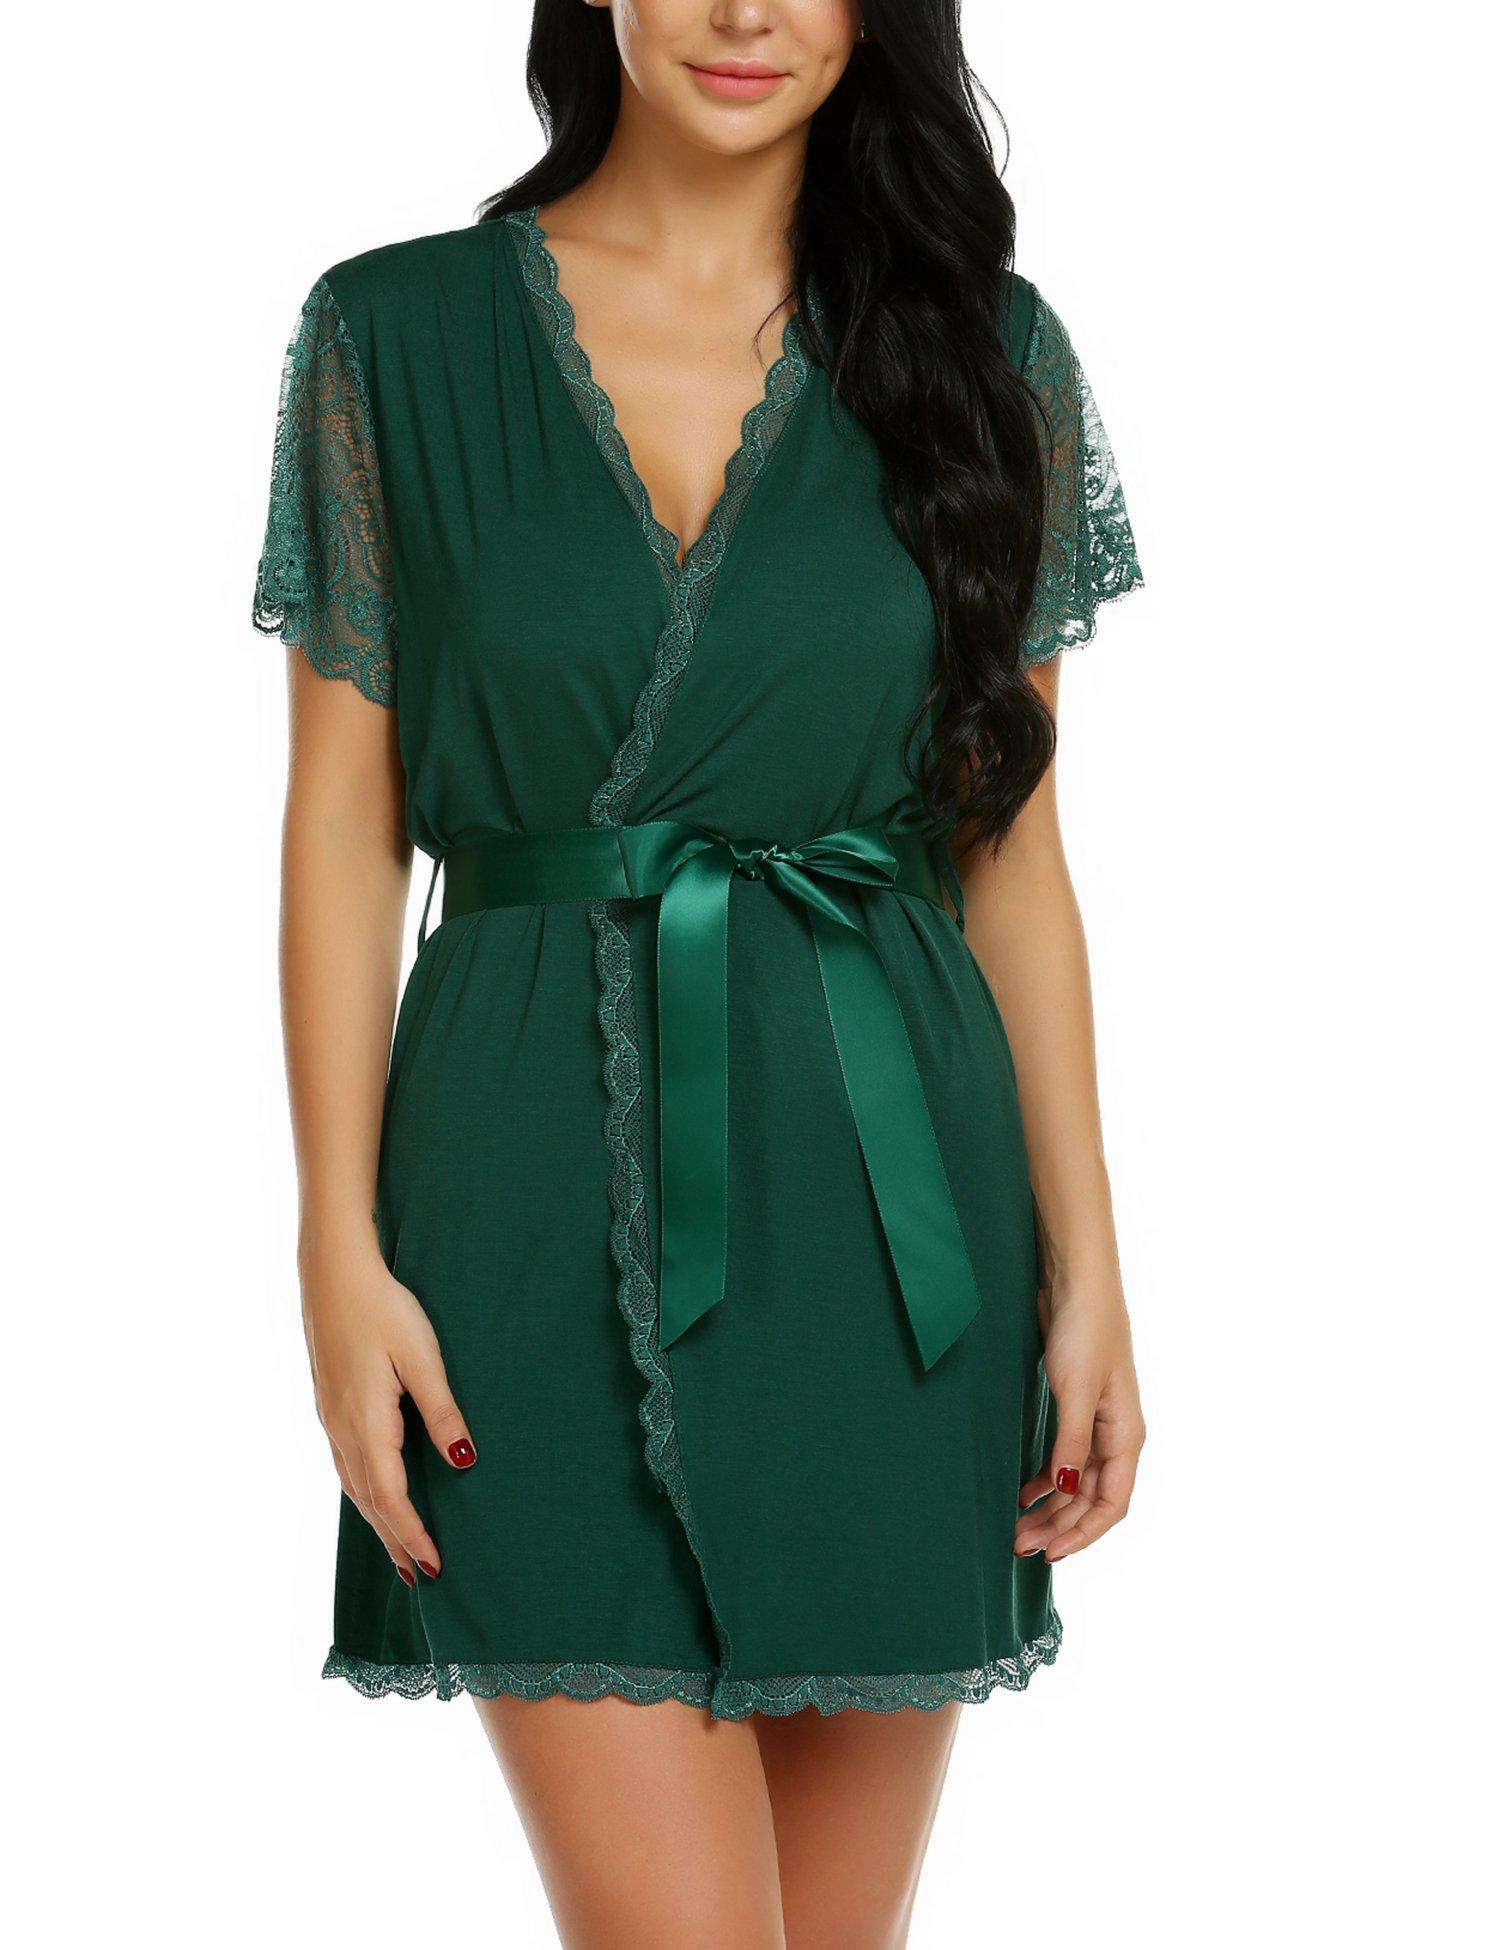 wearella Womens Short Robe Lace Trim Kimono Spa Knit Bathrobe Lightweight Loungewear Sleepwear Short by wearella (Image #1)